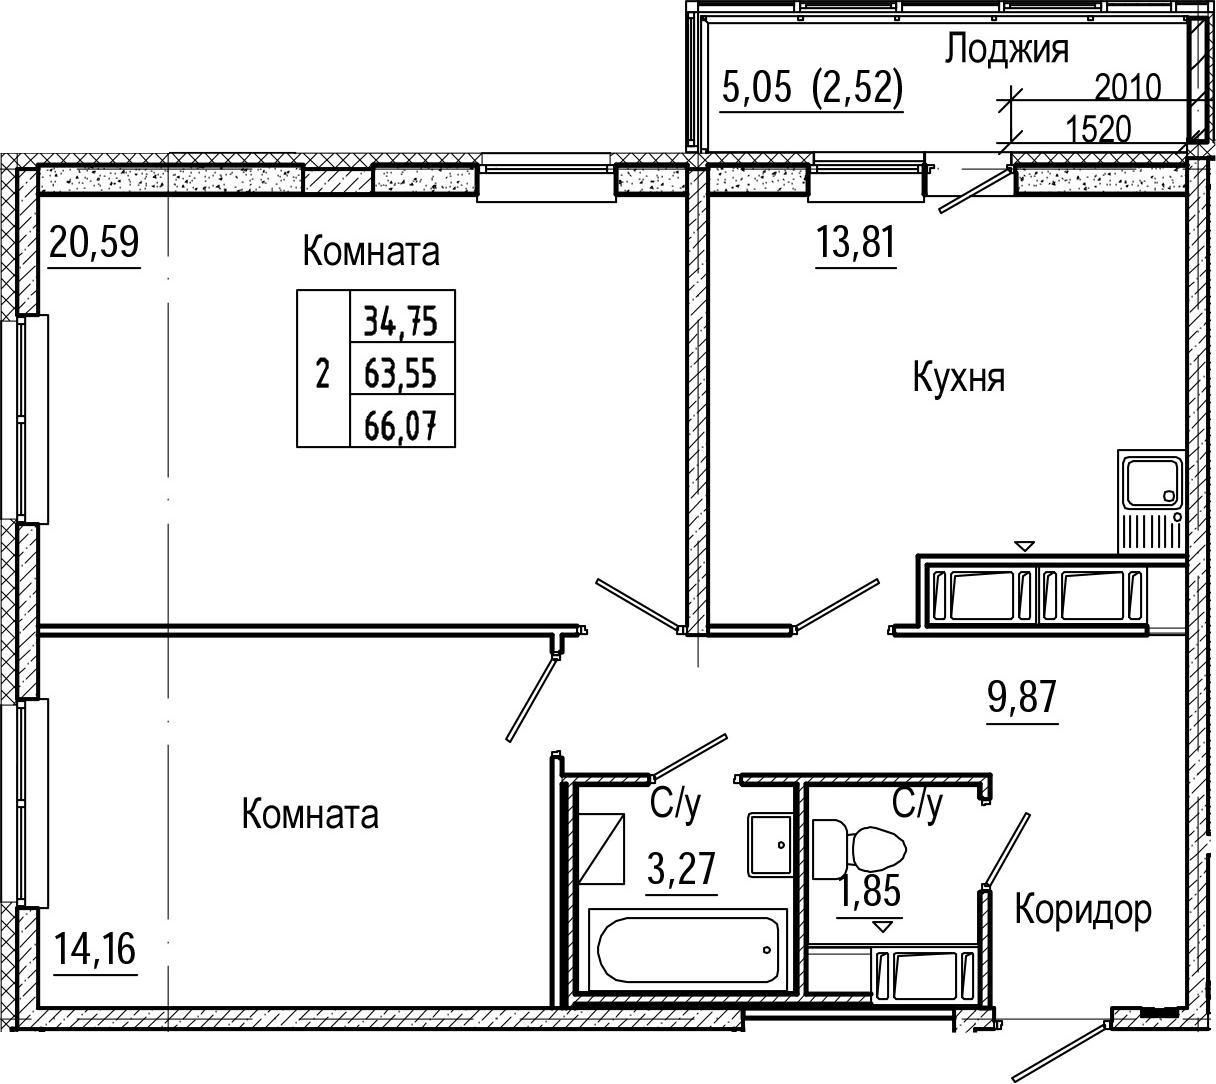 2-комнатная, 66.07 м²– 2